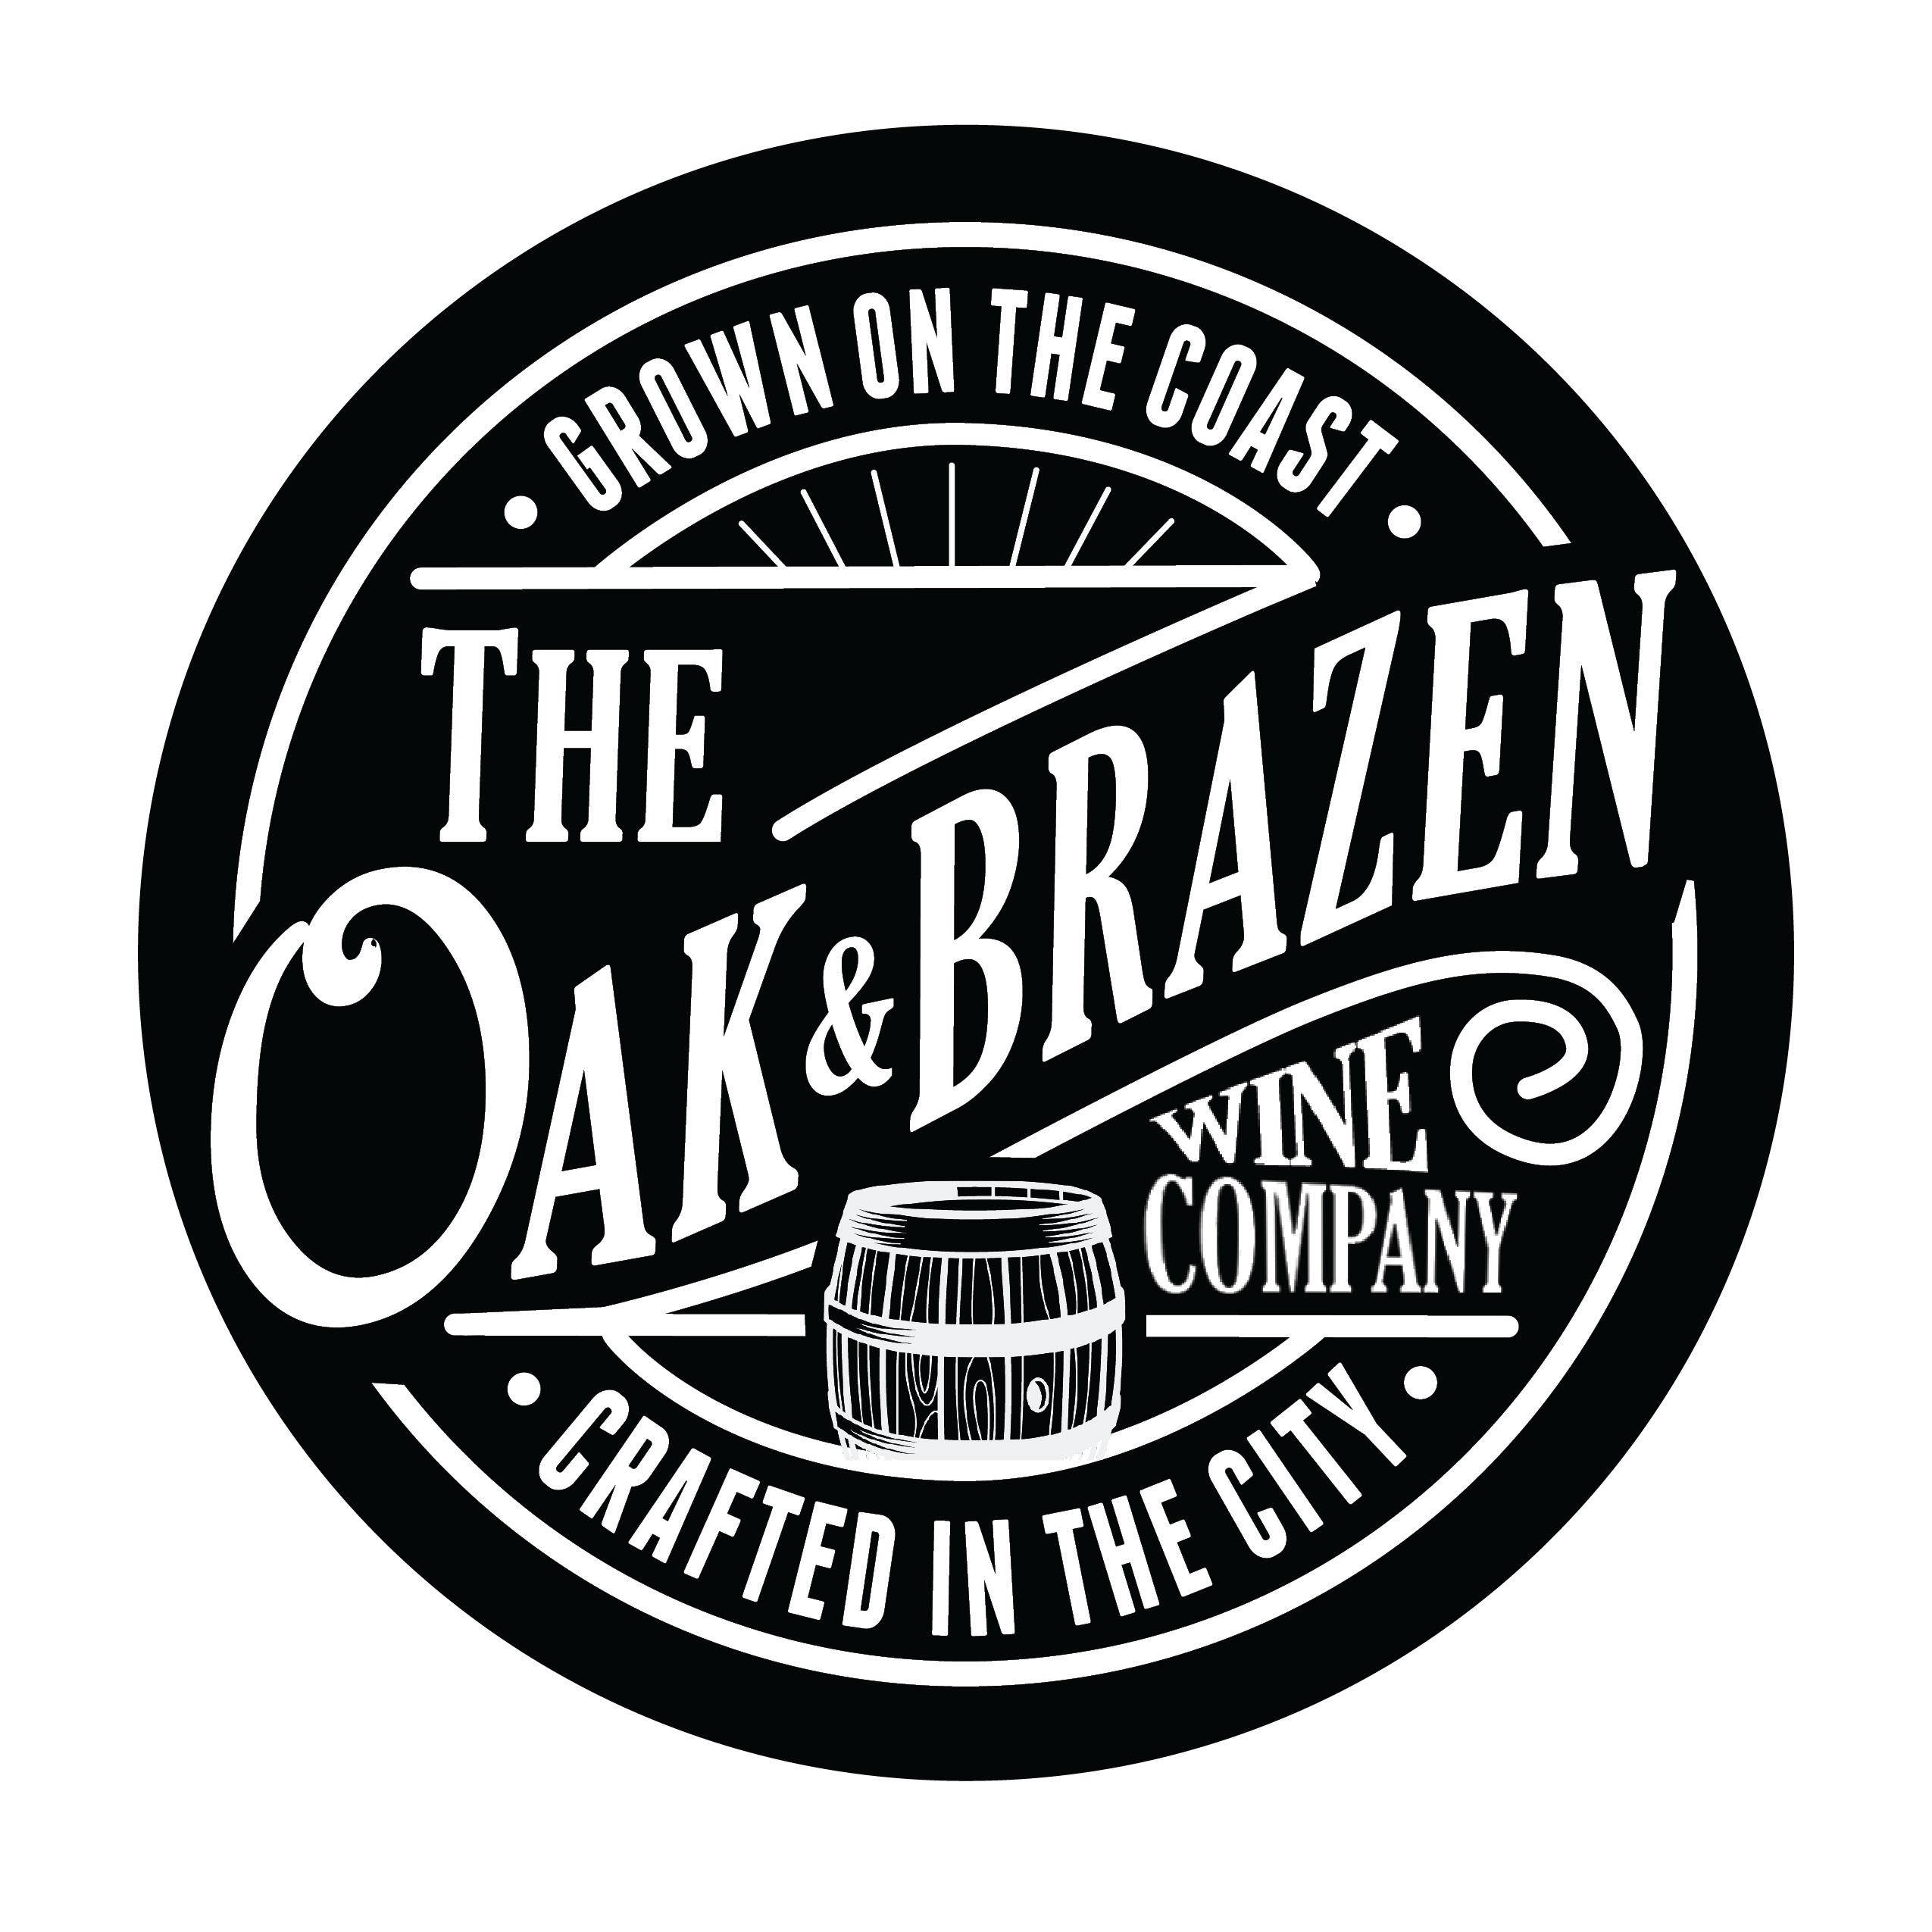 The Oak & Brazen Winery